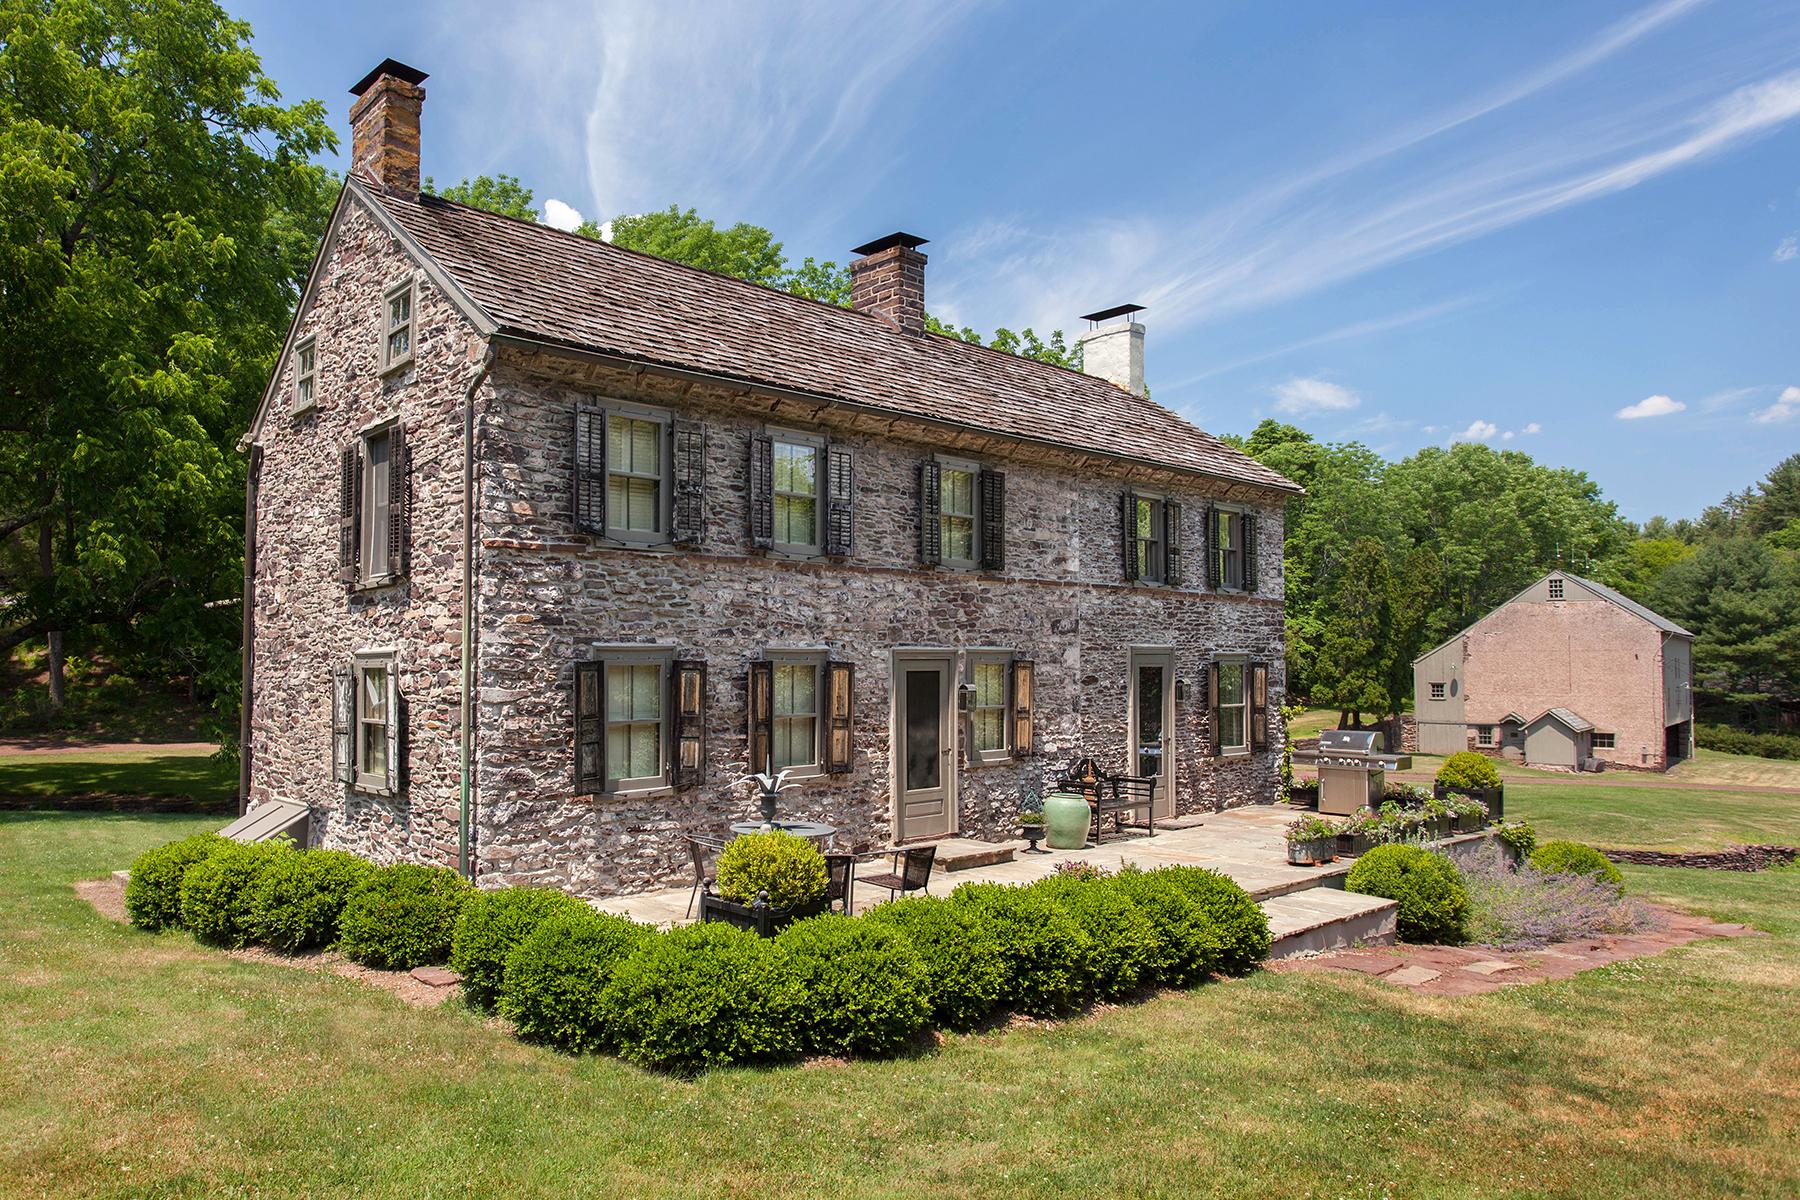 Частный односемейный дом для того Продажа на Erwinna, PA 44 Permanent School Rd Erwinna, 18972 Соединенные Штаты